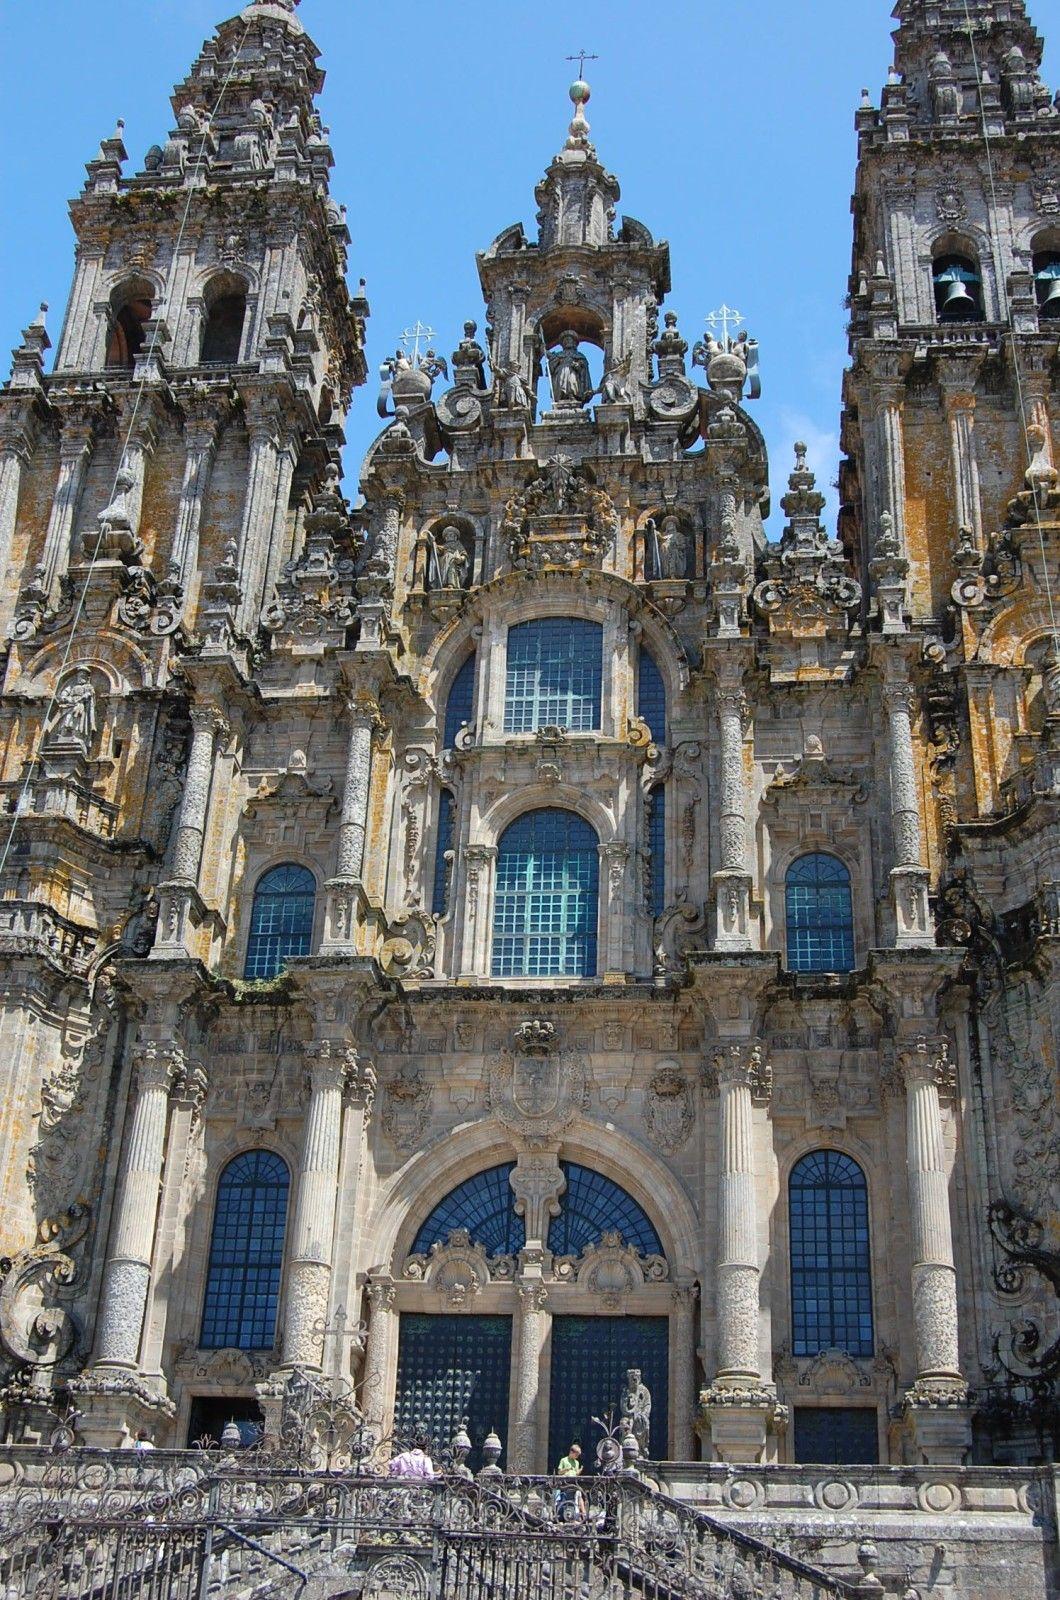 Espagne Facade Ouest Cathedrale Saint Jacques De Compostelles Lankaart Cathedrale Espagne Saint Jacques De Compostelle